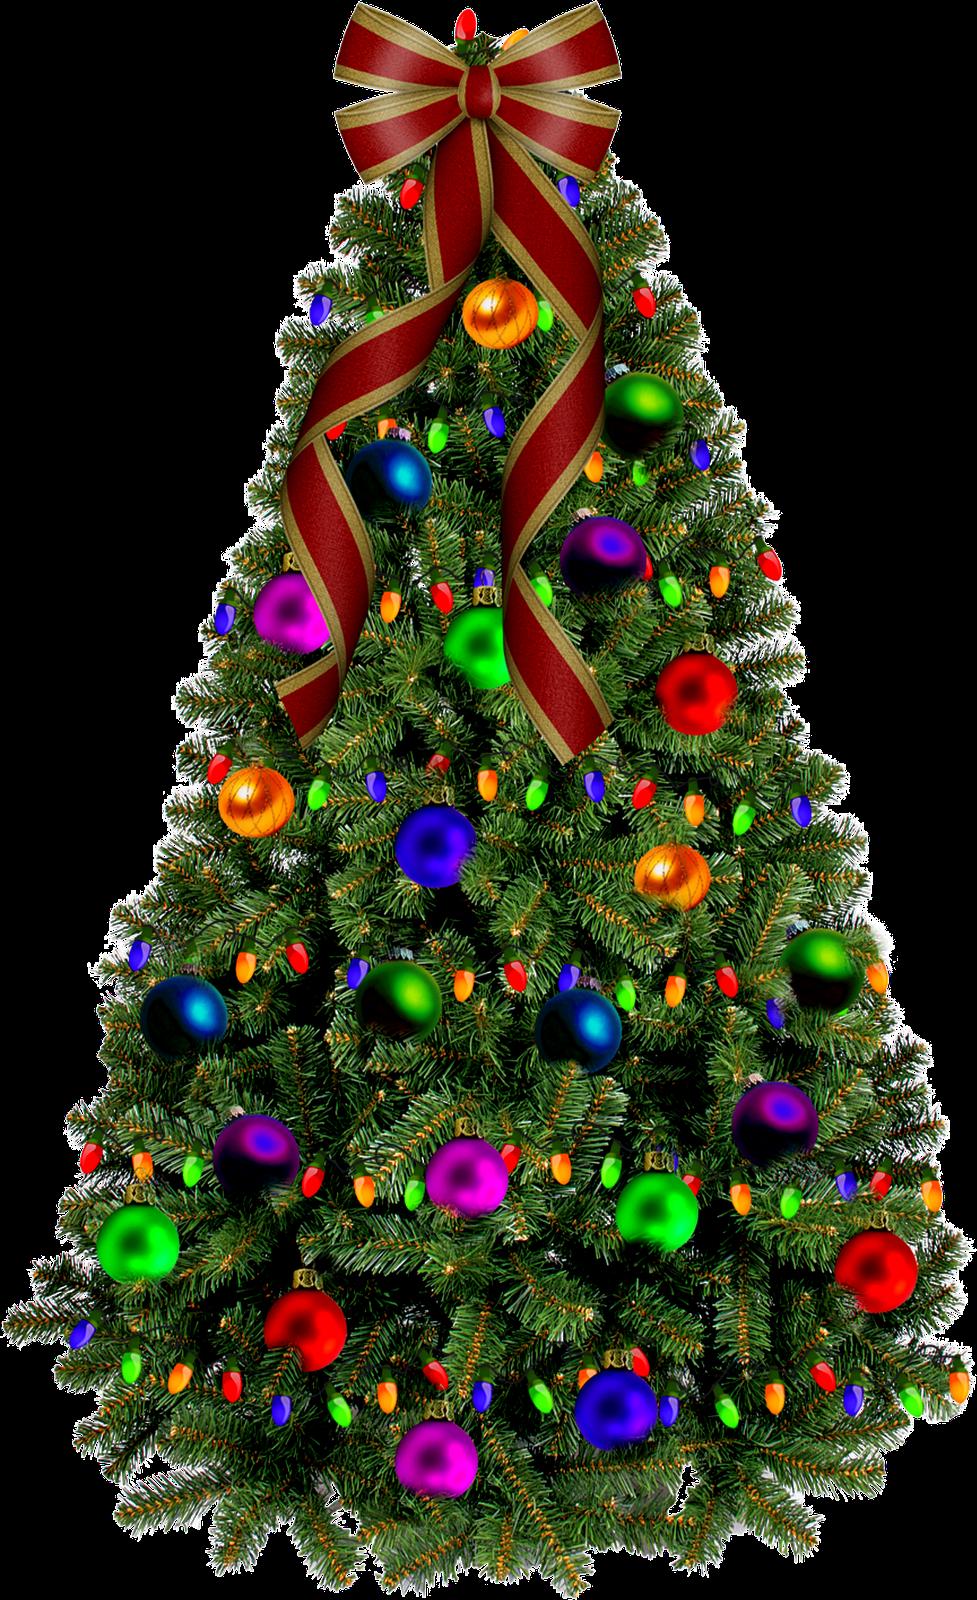 Fondos arbolitos navidad fondos de pantalla - Arbol navidad barato ...